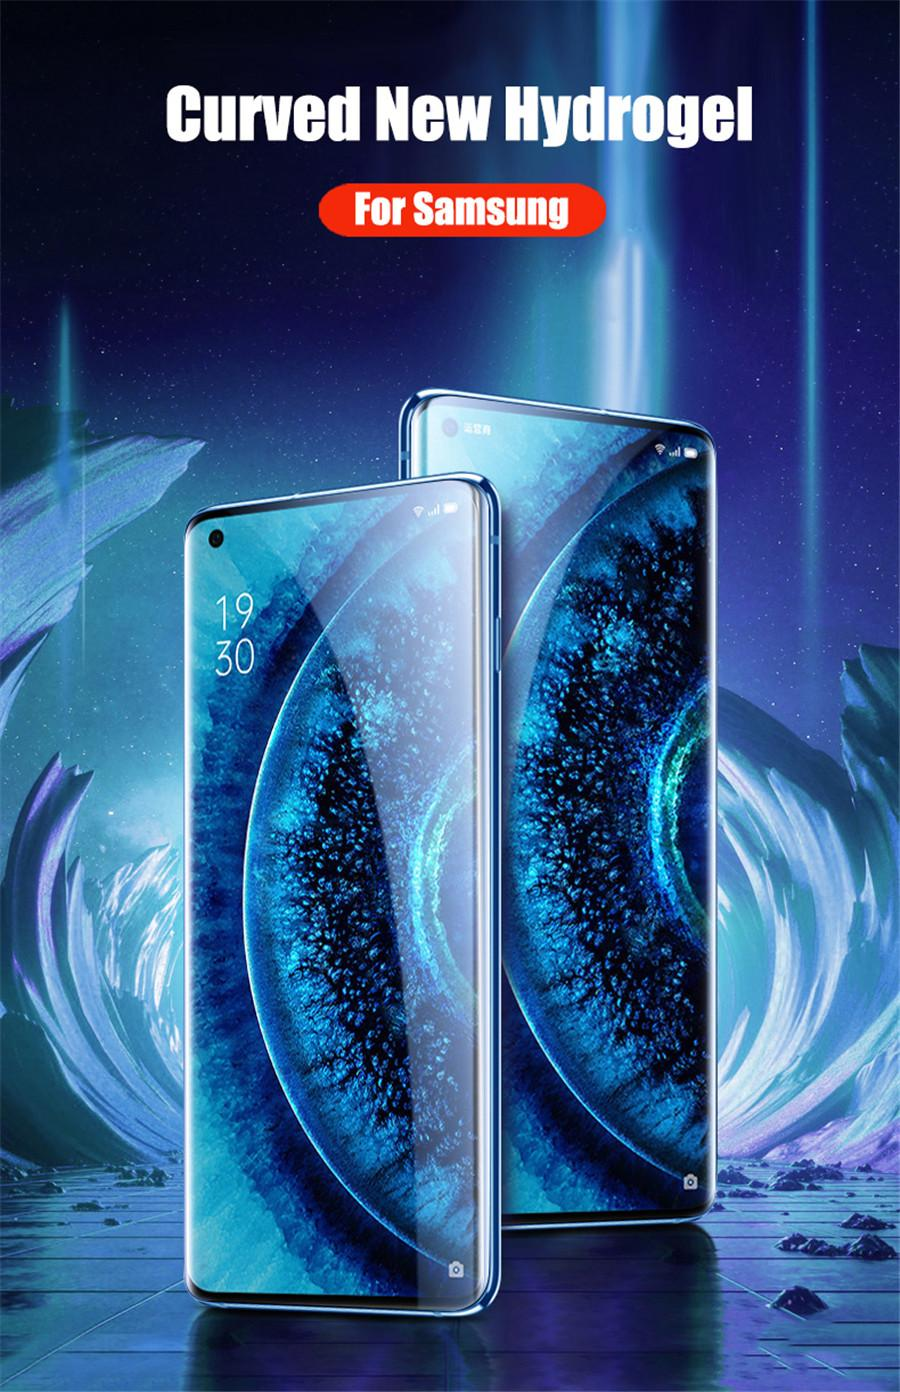 삼성 갤럭시 S10 S9 S8 Plus S10E 필름을위한 새로운 전체 곡선 하이드로 젤 필름 삼성 노트 10 PRO 9 8 필름 유리 스크린 프로텍터